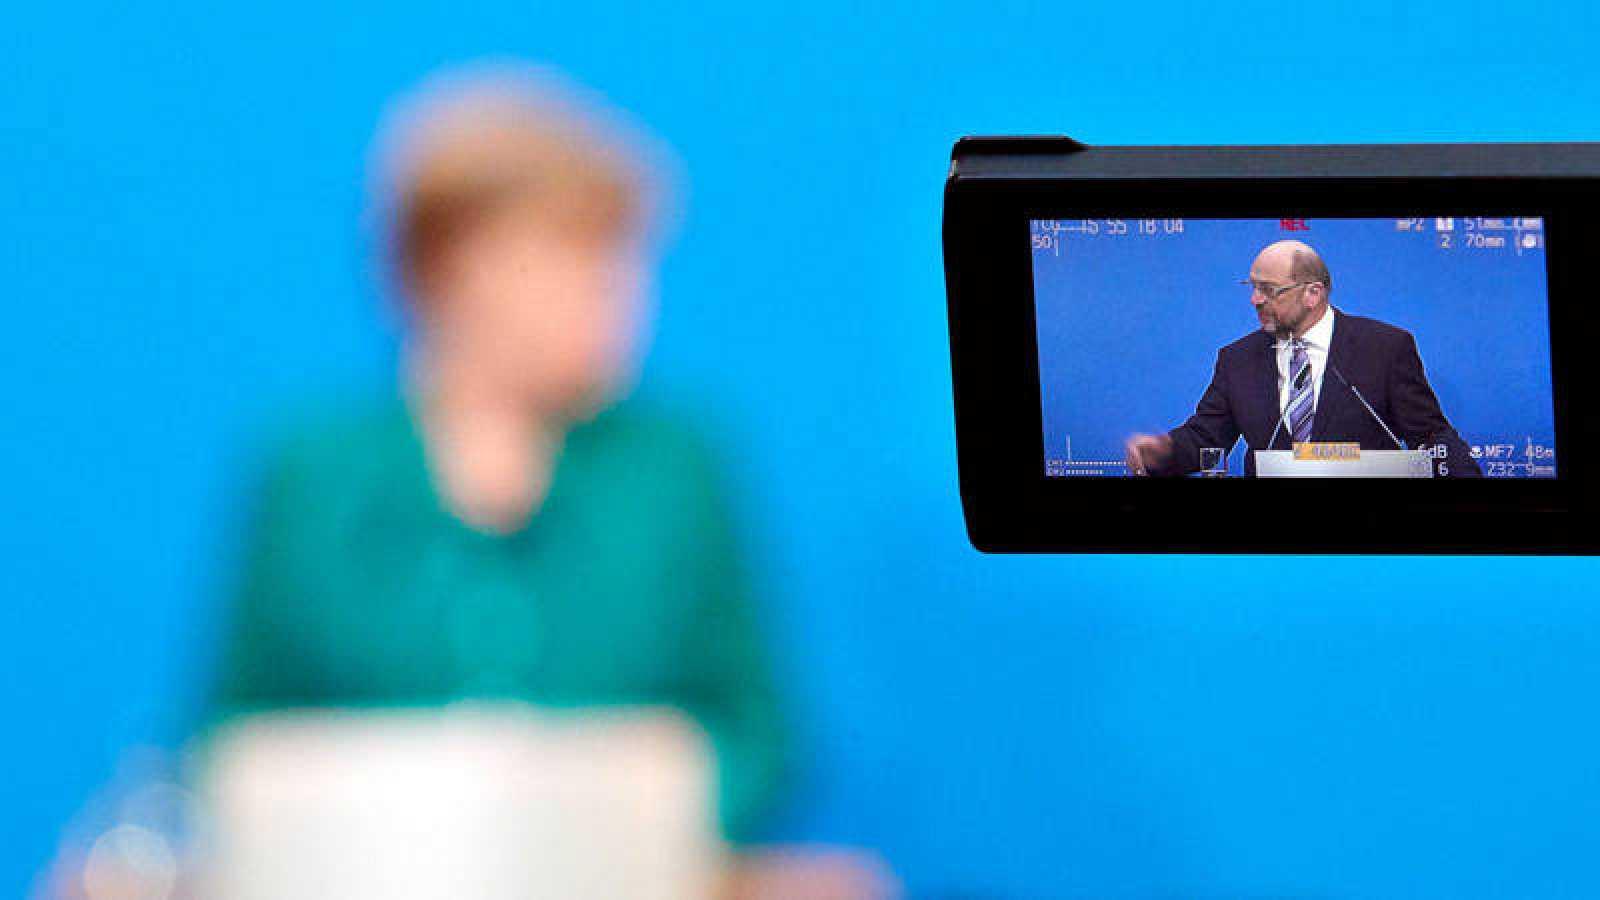 La canciller alemana, Angela merkel, y el líder socialdemócrata, Martin Schulz, durante la rueda de prensa en la que anunciaron el acuerdo para una gran coalición